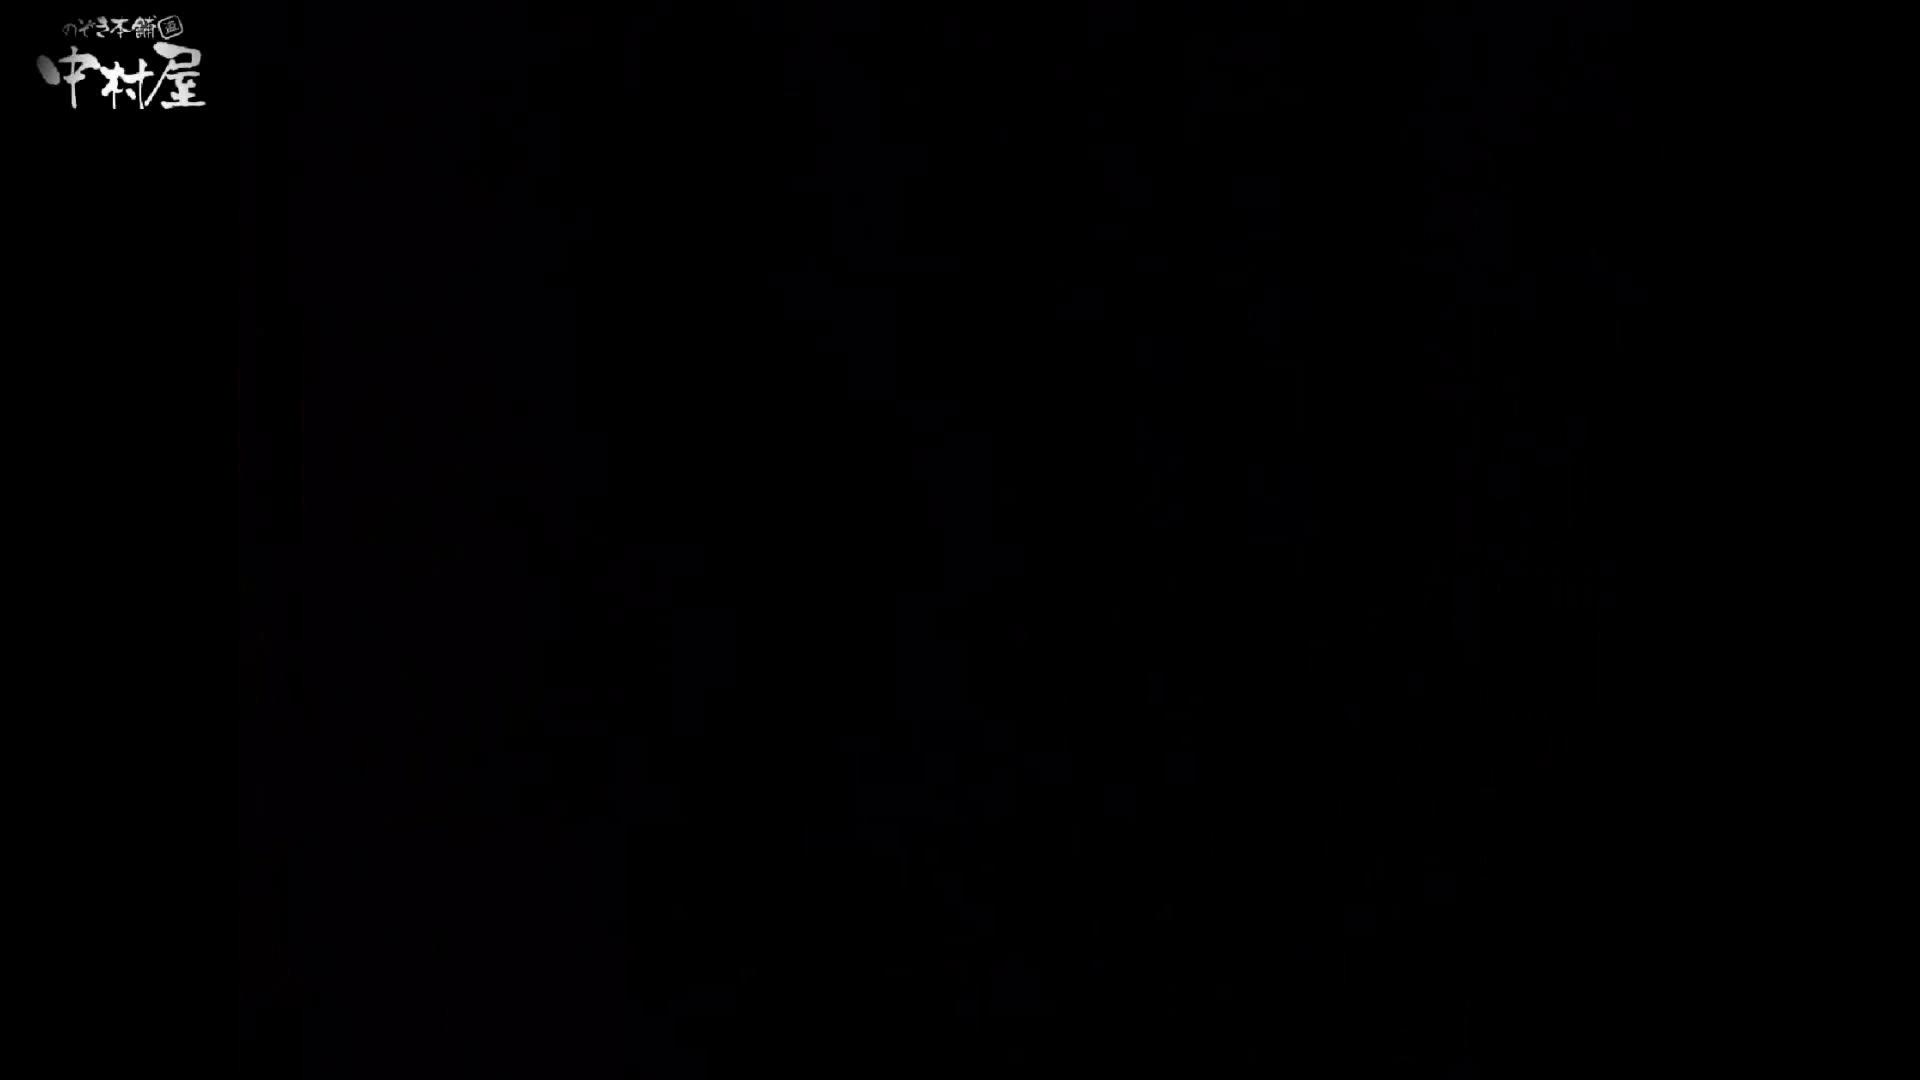 民家風呂専門盗撮師の超危険映像 vol.016 お色気美女 | 盗撮  86枚 31